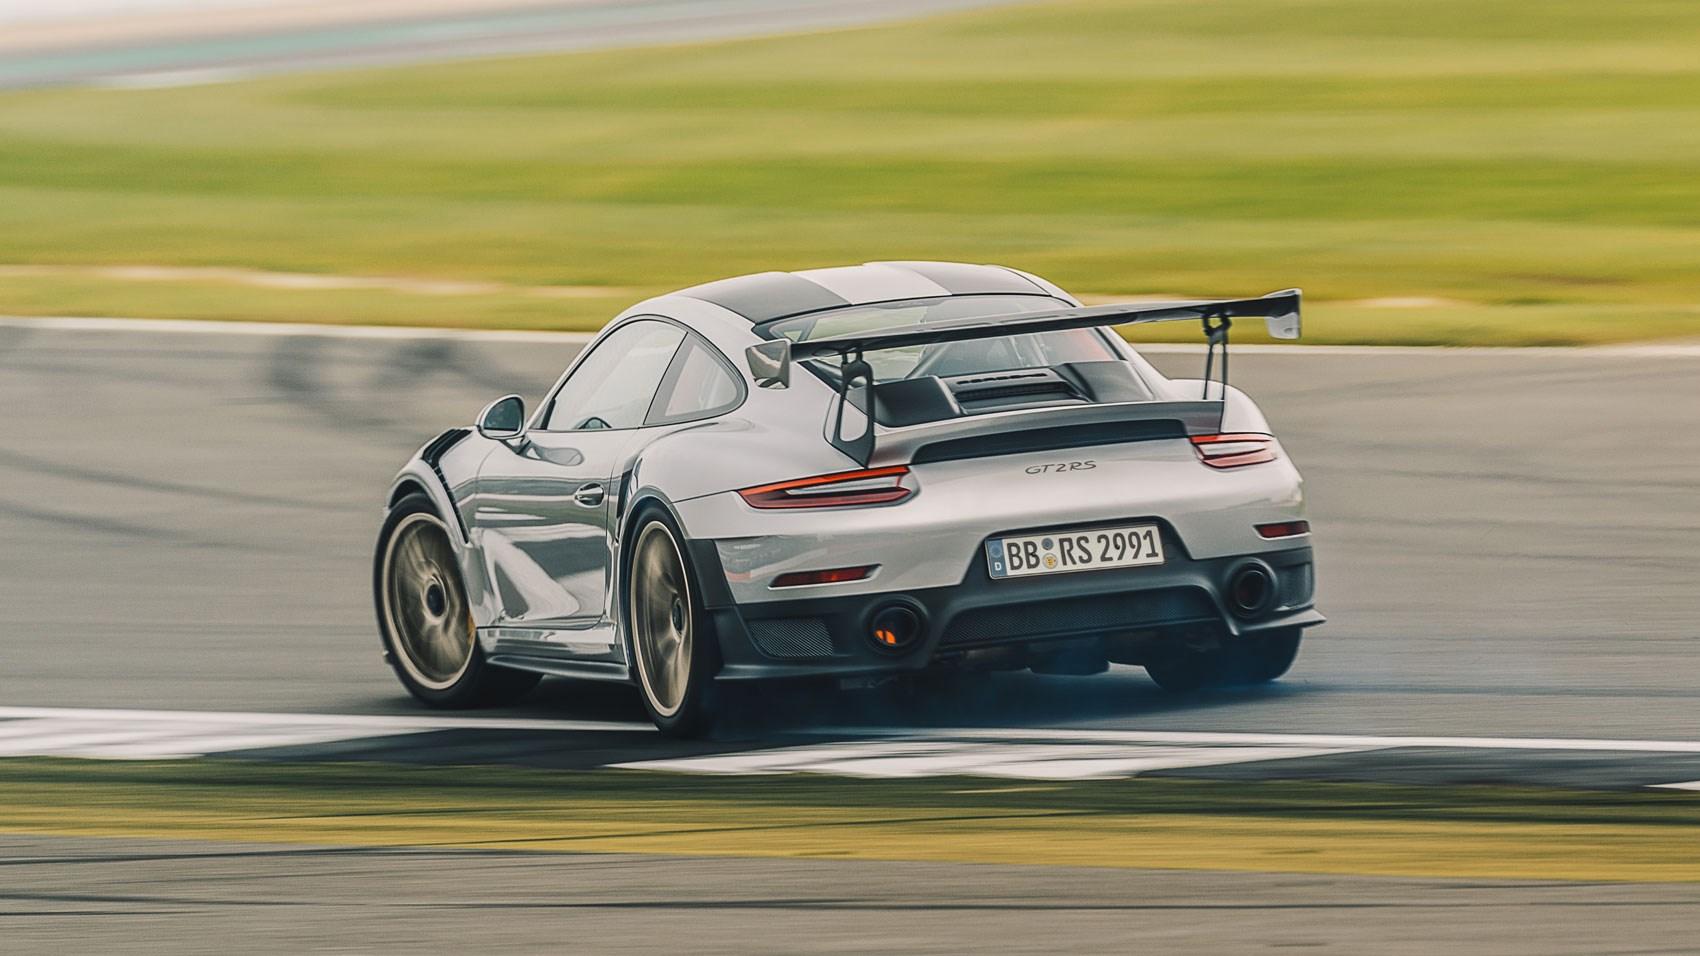 Porsche 911 Gt2 Rs 2017 Review Car Magazine